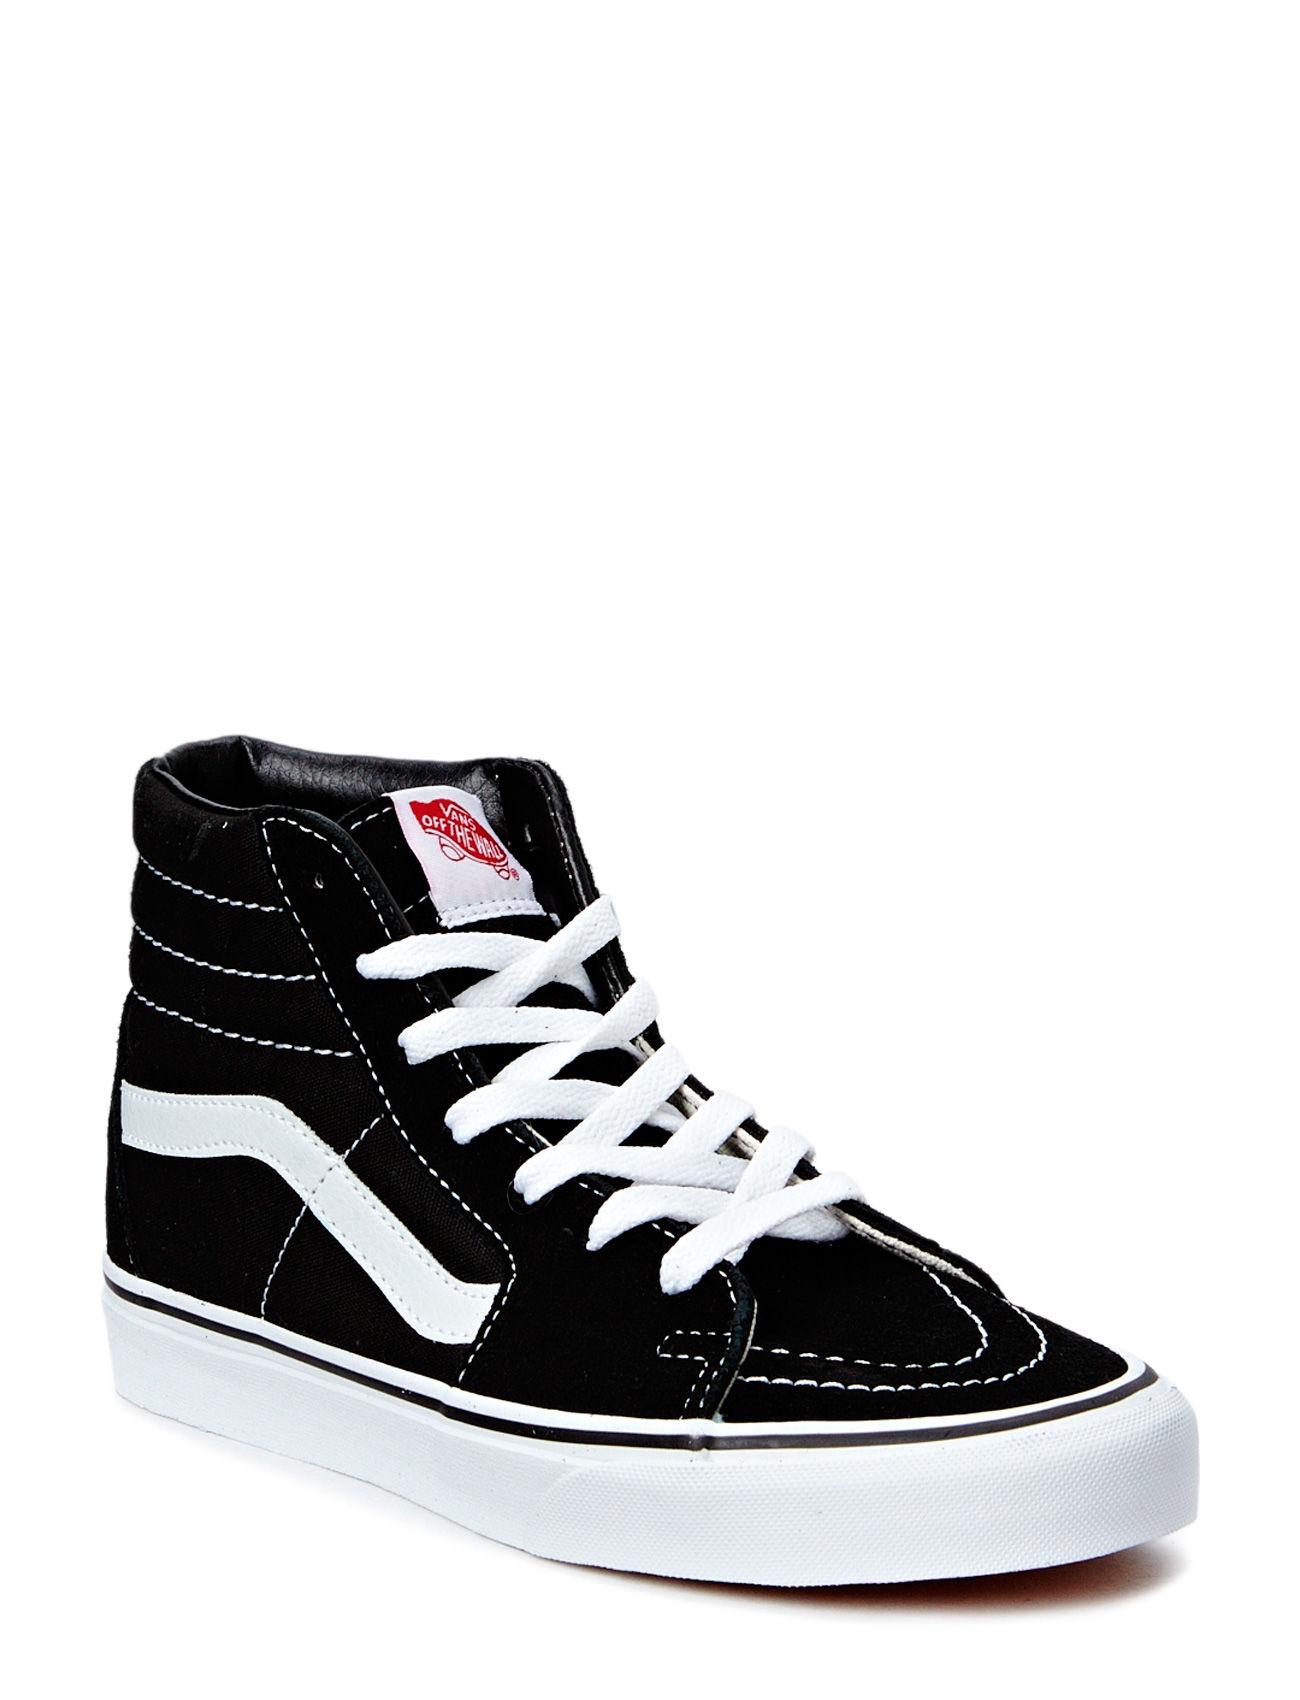 7ec03092a4c Ua Sk8-hi (Black black white) (85 €) - VANS -